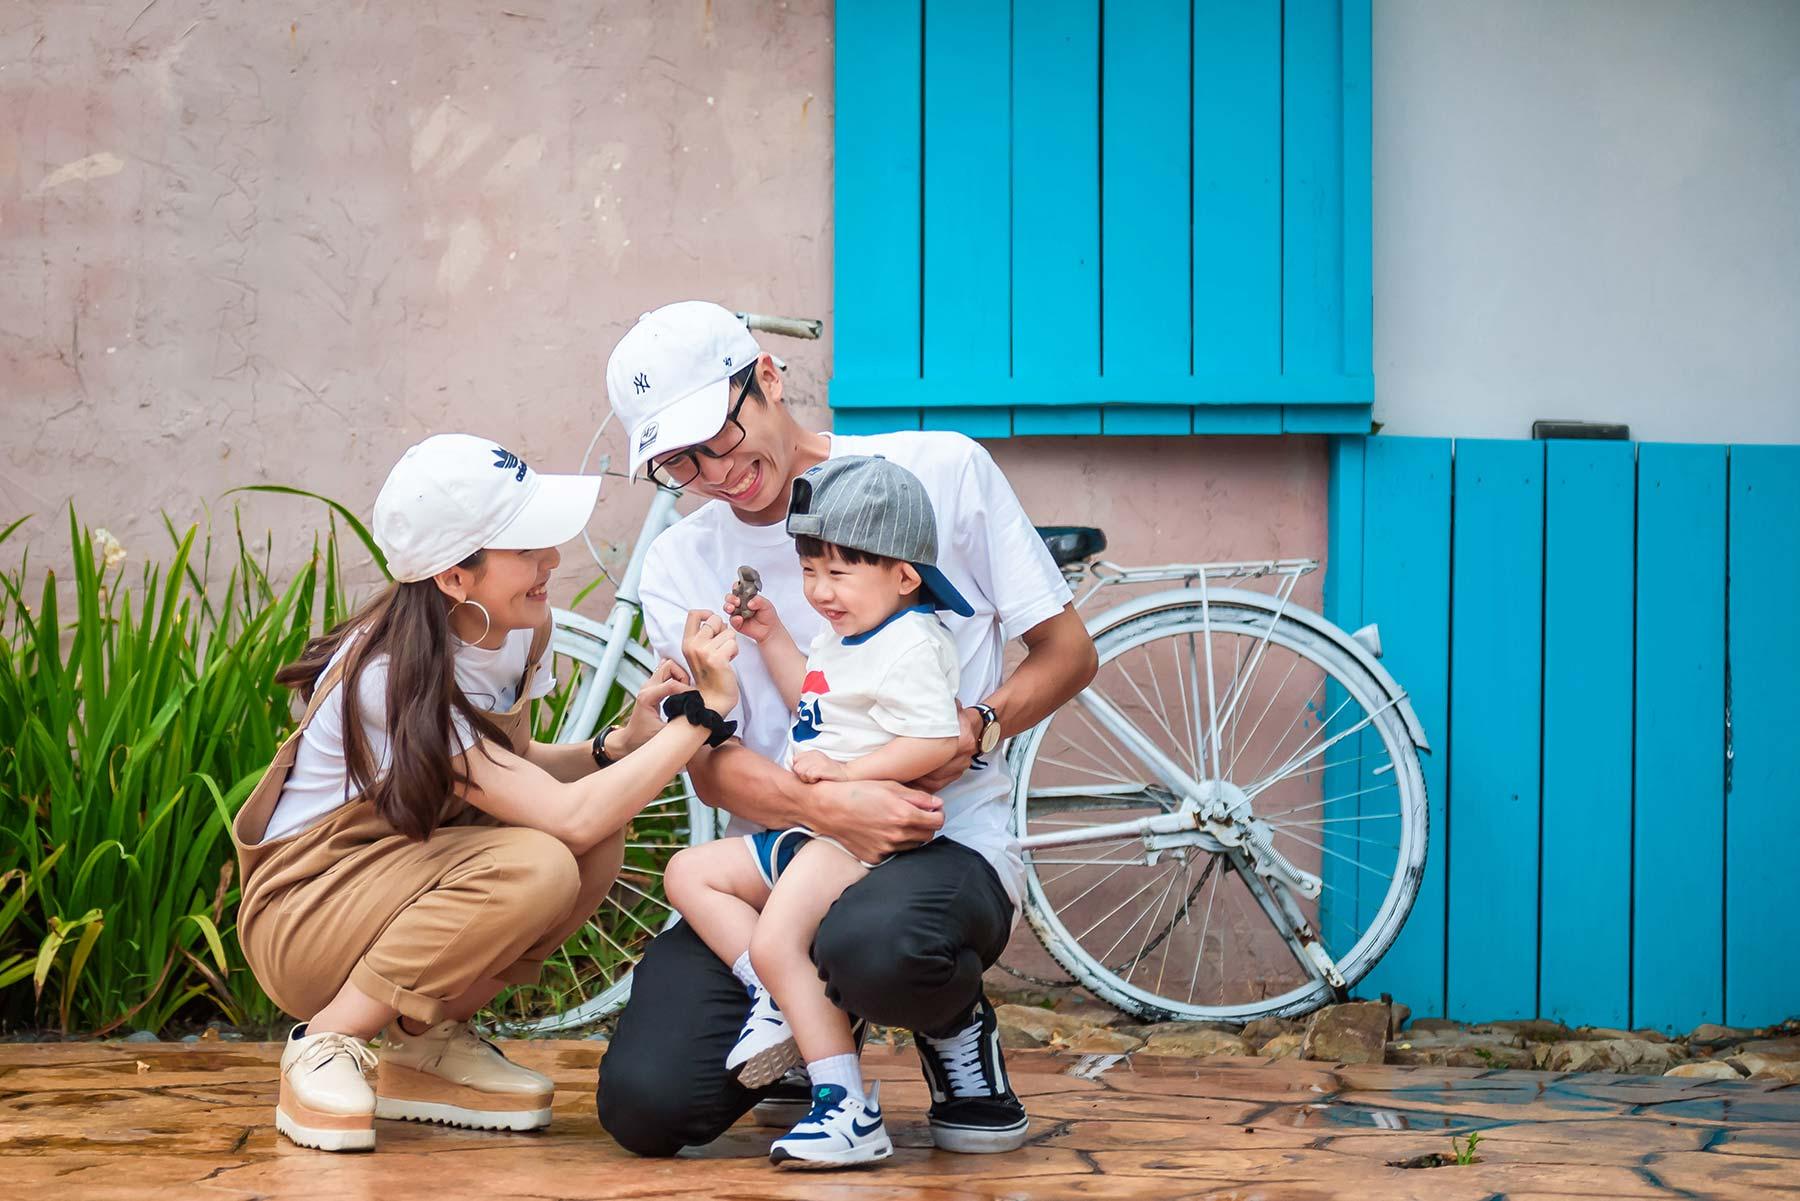 親子互動 親子時光 甜蜜印象親子 中部親子寫真 親子攝影